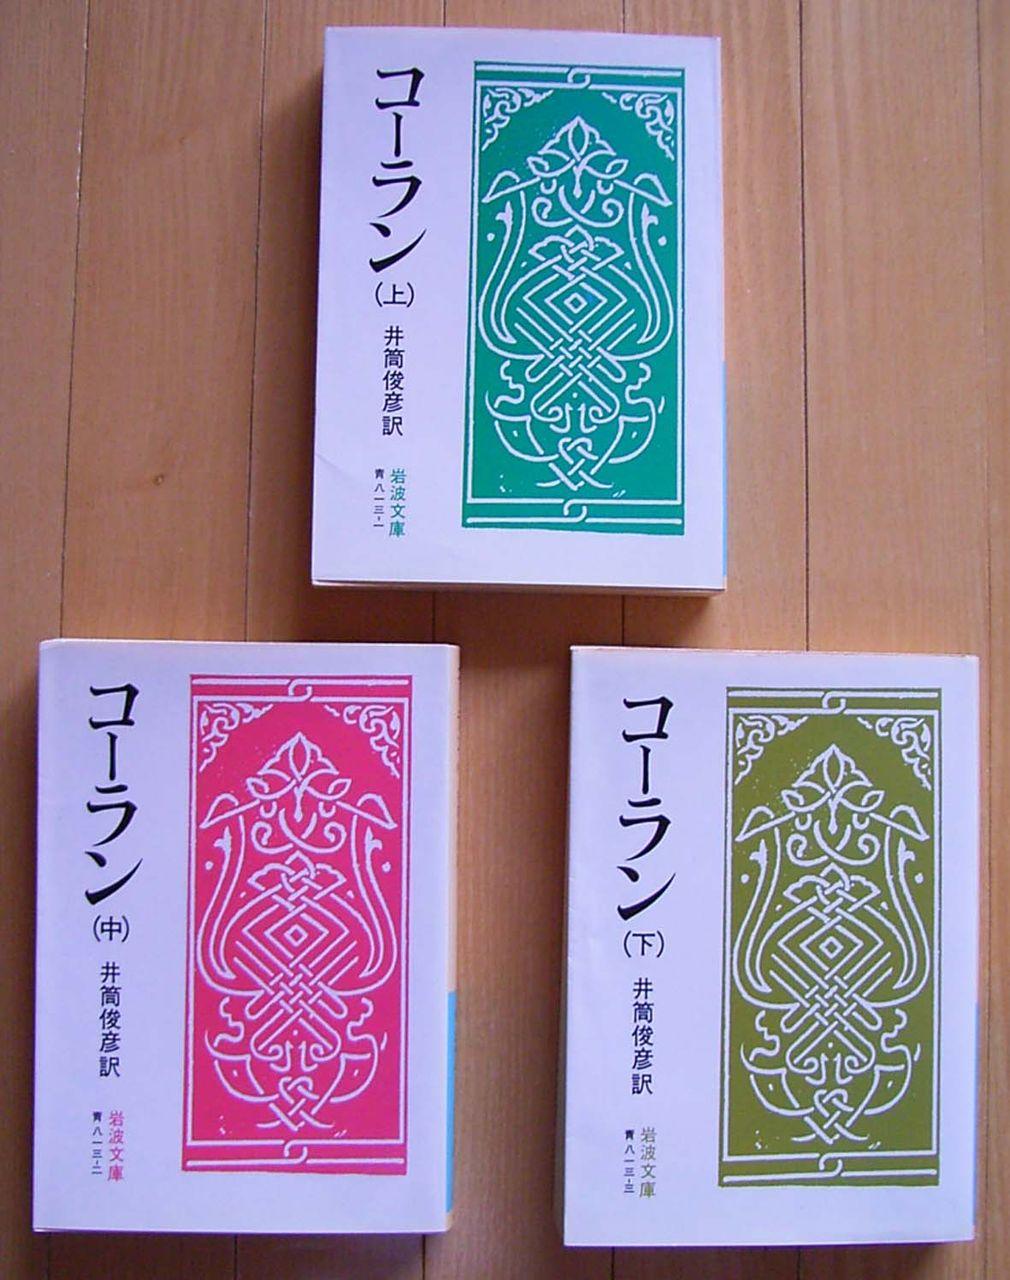 【教科書】あまりにイスラム教徒に偏見を日本人がもちがちだからコーランを読んでみた【通り】